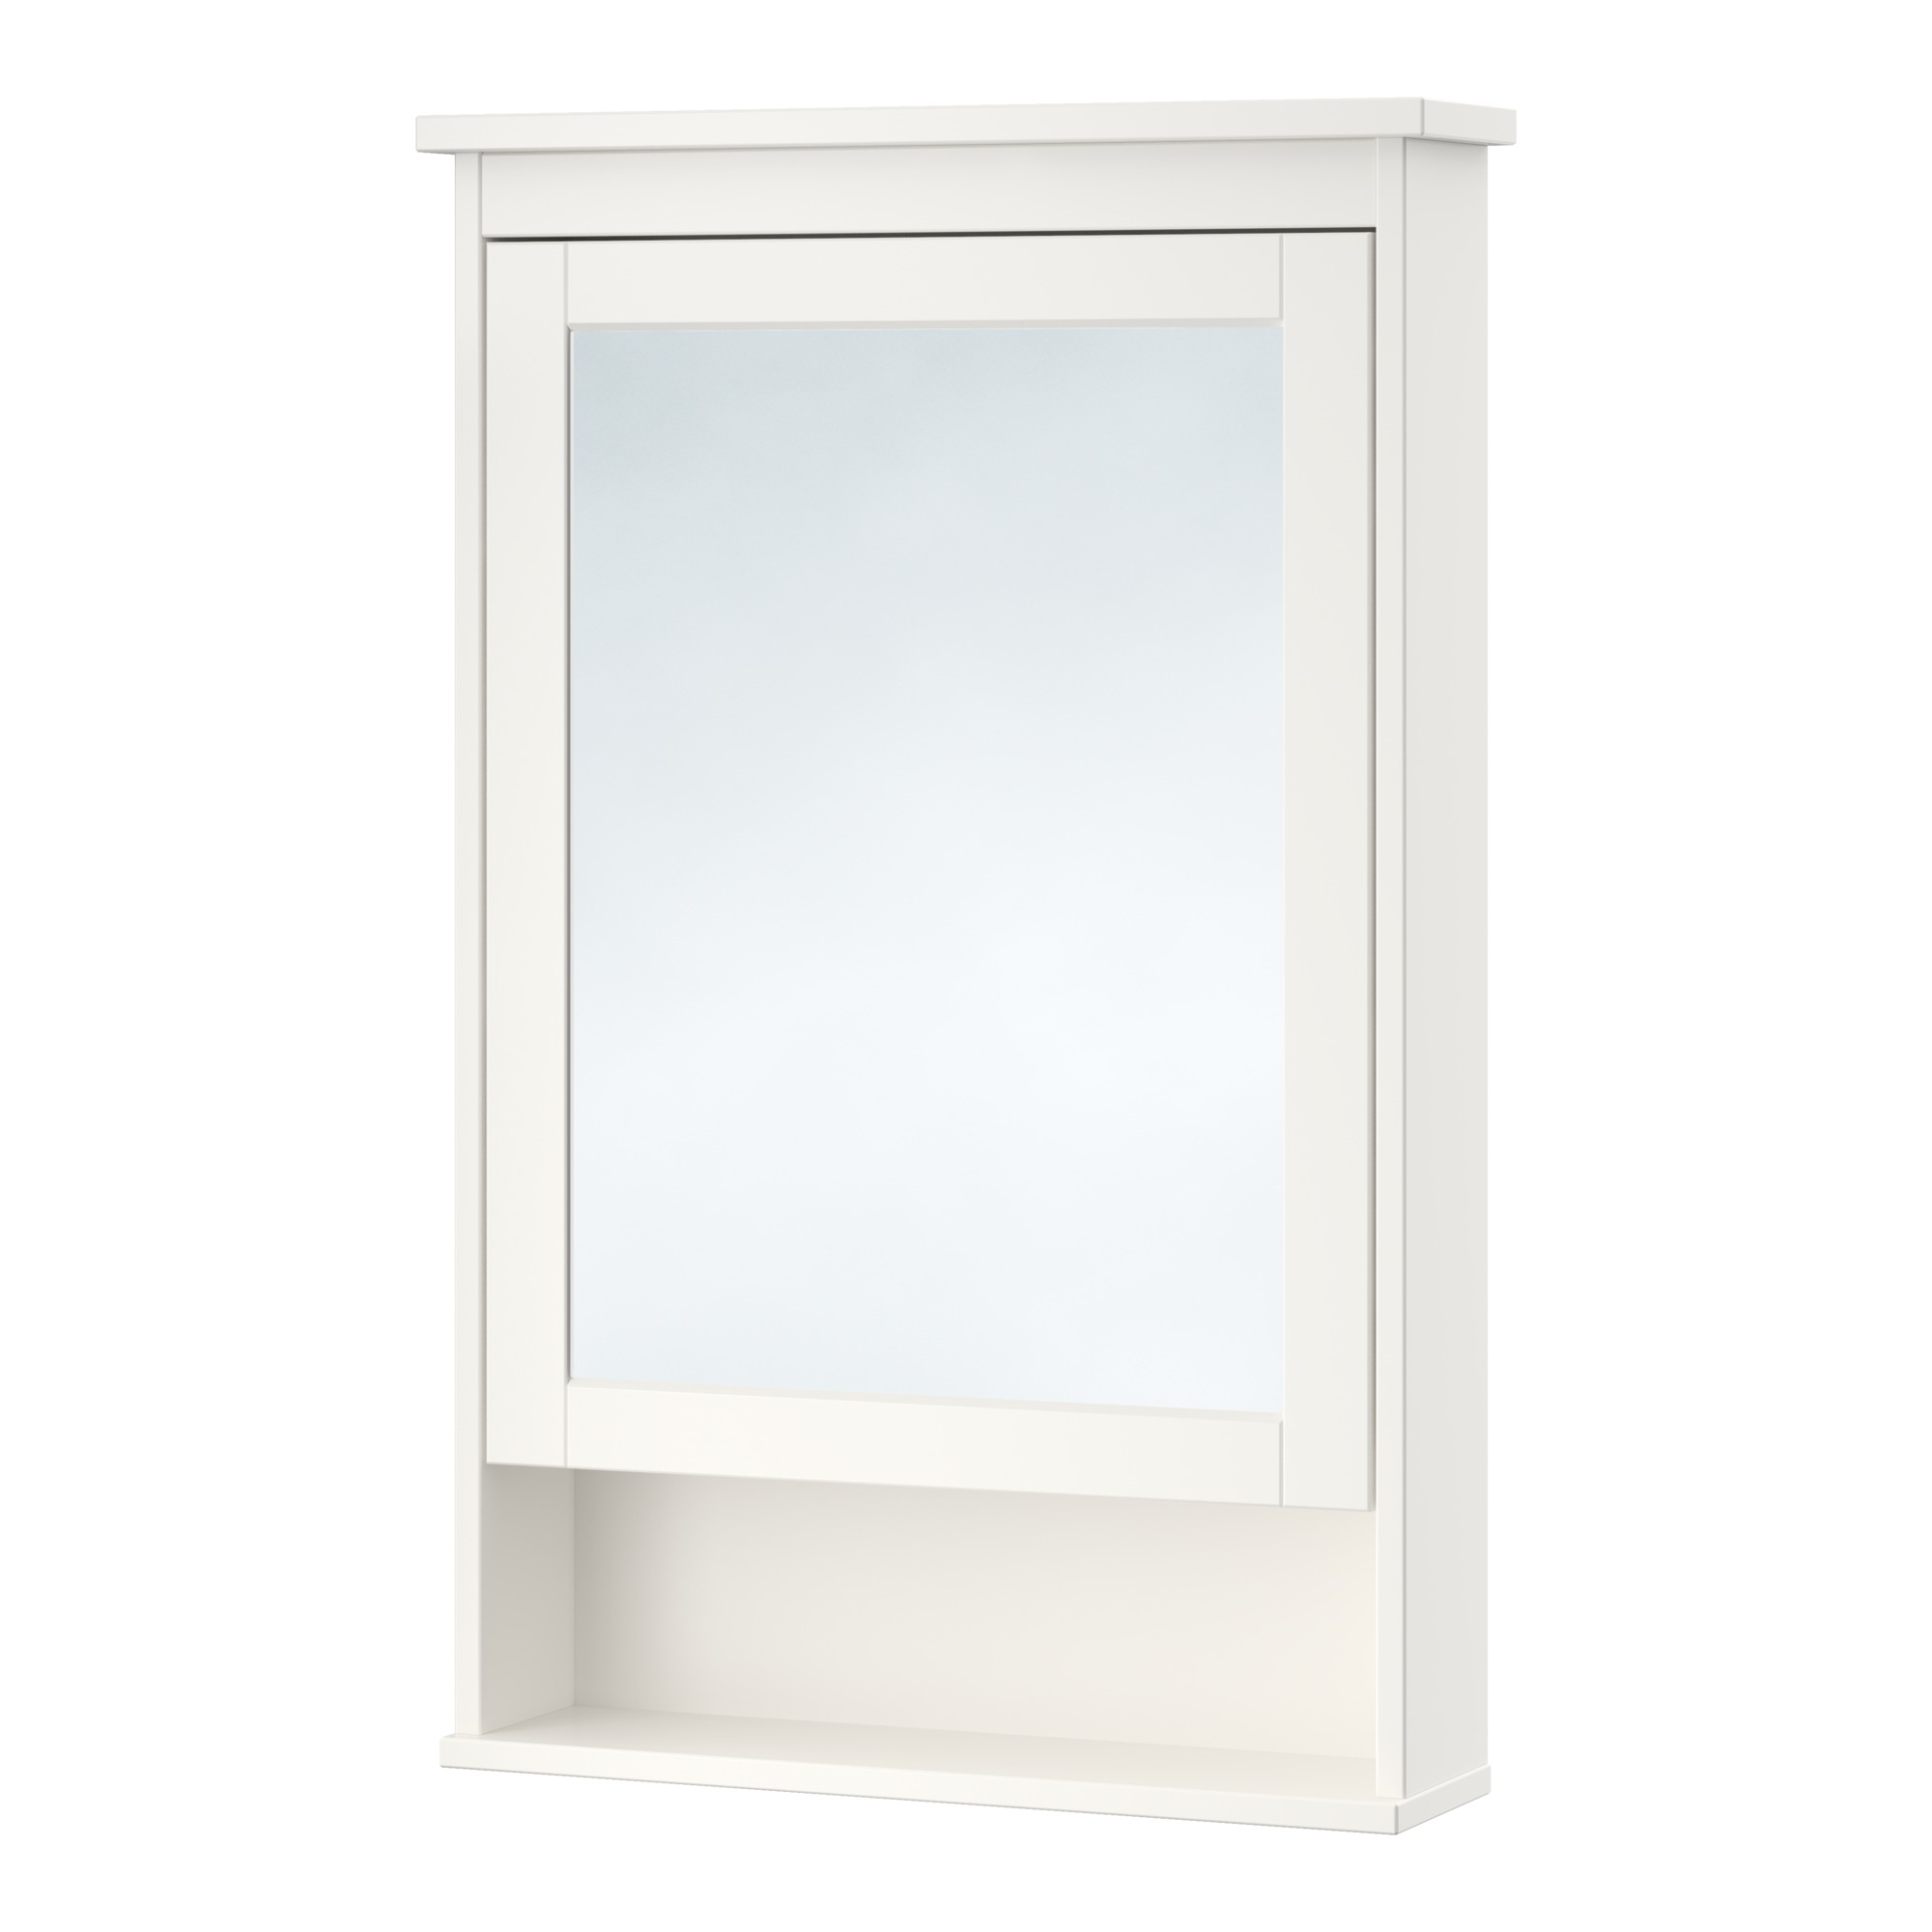 Hemnes armario con espejo 1 puerta - Espejo hemnes blanco ...